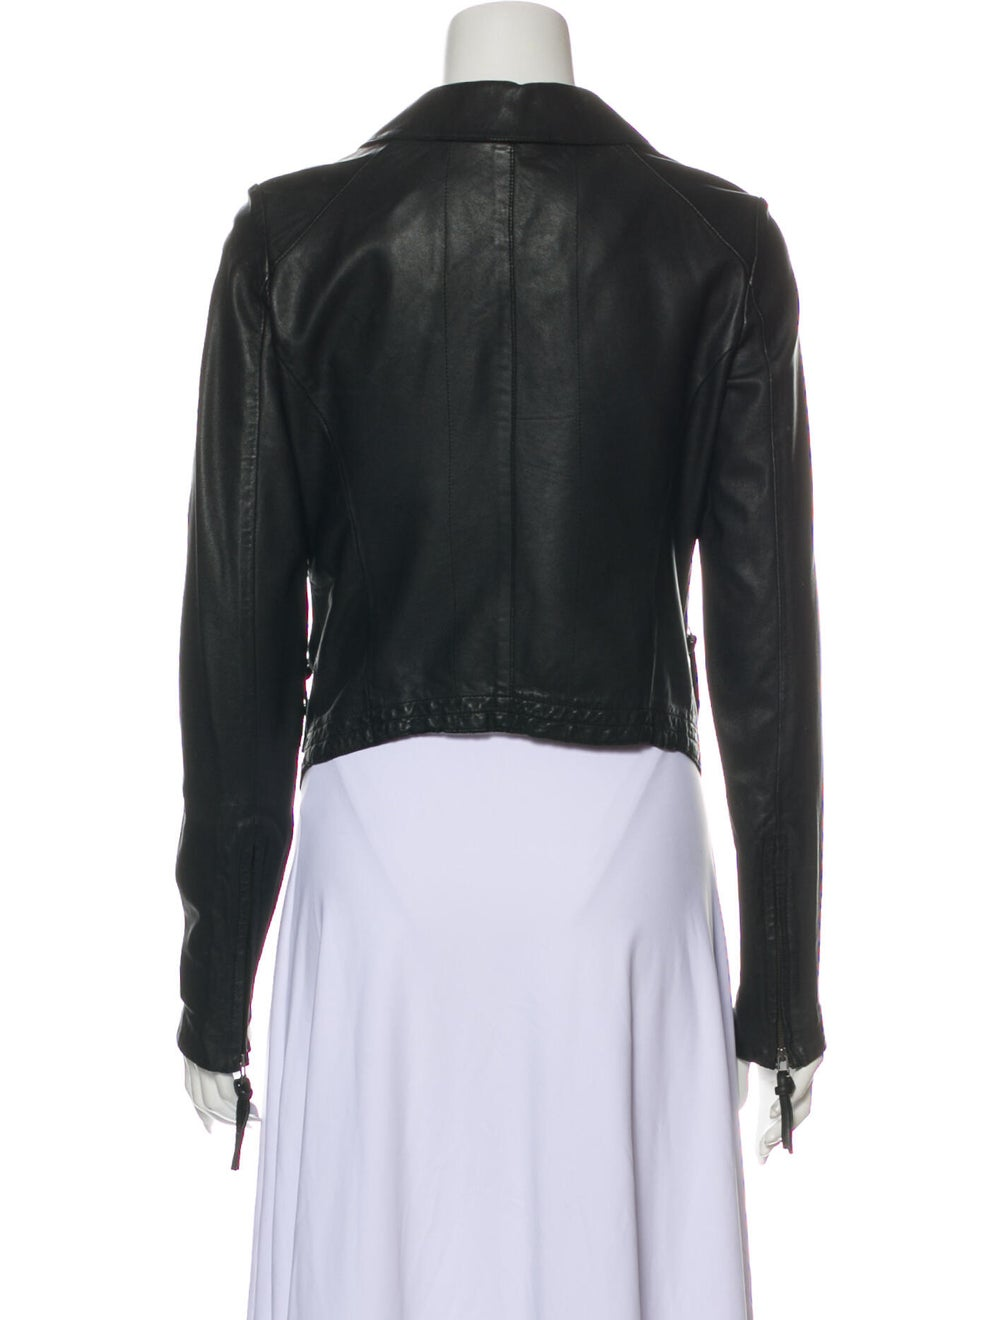 Day Birger et Mikkelsen Lamb Leather Blazer Black - image 3